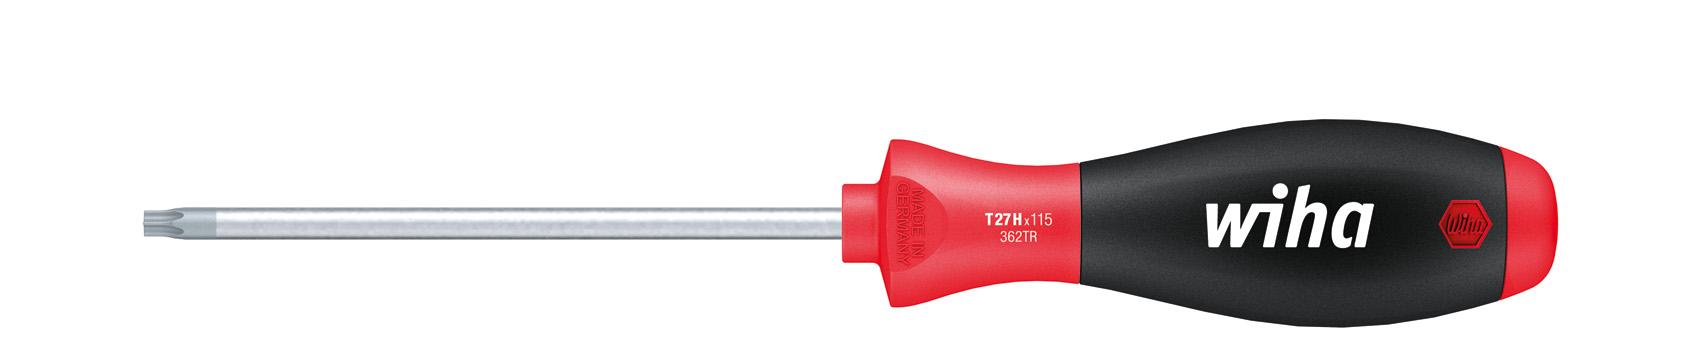 mit/Bohrung T15H x 300 mm 26458 Wiha Schraubendreher SoftFinish/® TORX/®/Tamper/Resistant/ mit Rundklinge